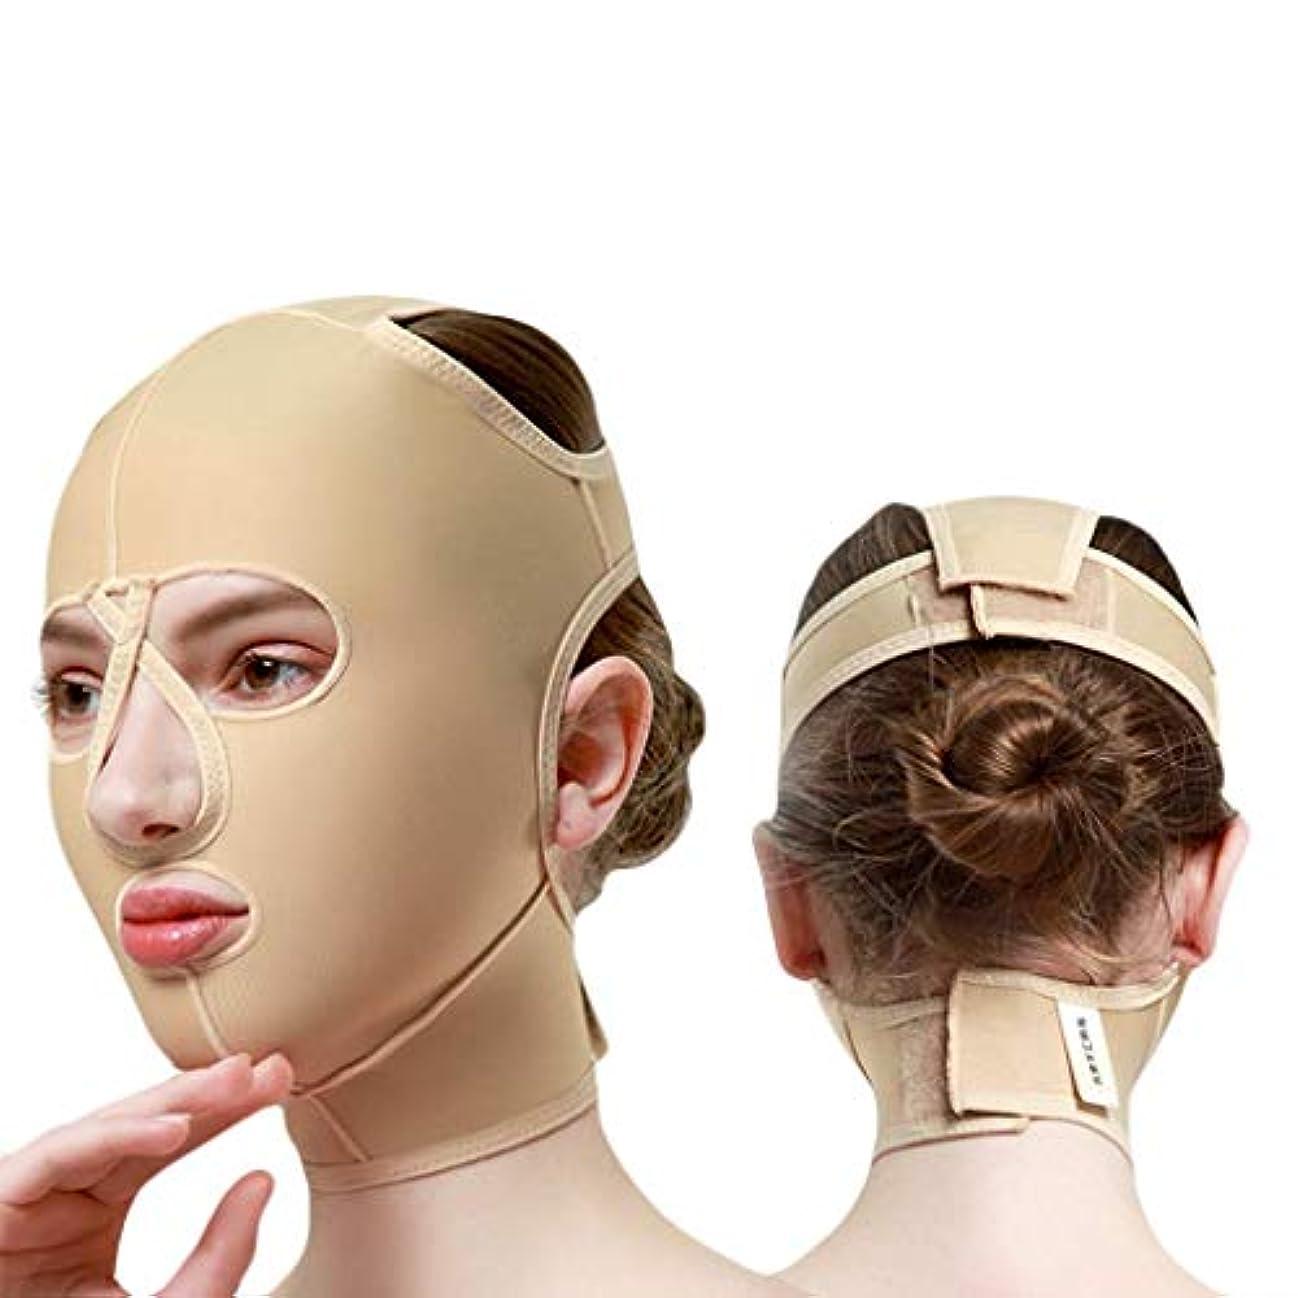 ビュッフェかんがい僕のチンストラップ、顔彫りツール、リフティングマスク、ダブルチンリデューサー、フェイスリフティングエラスティックマスクメス(サイズ:M),XXL